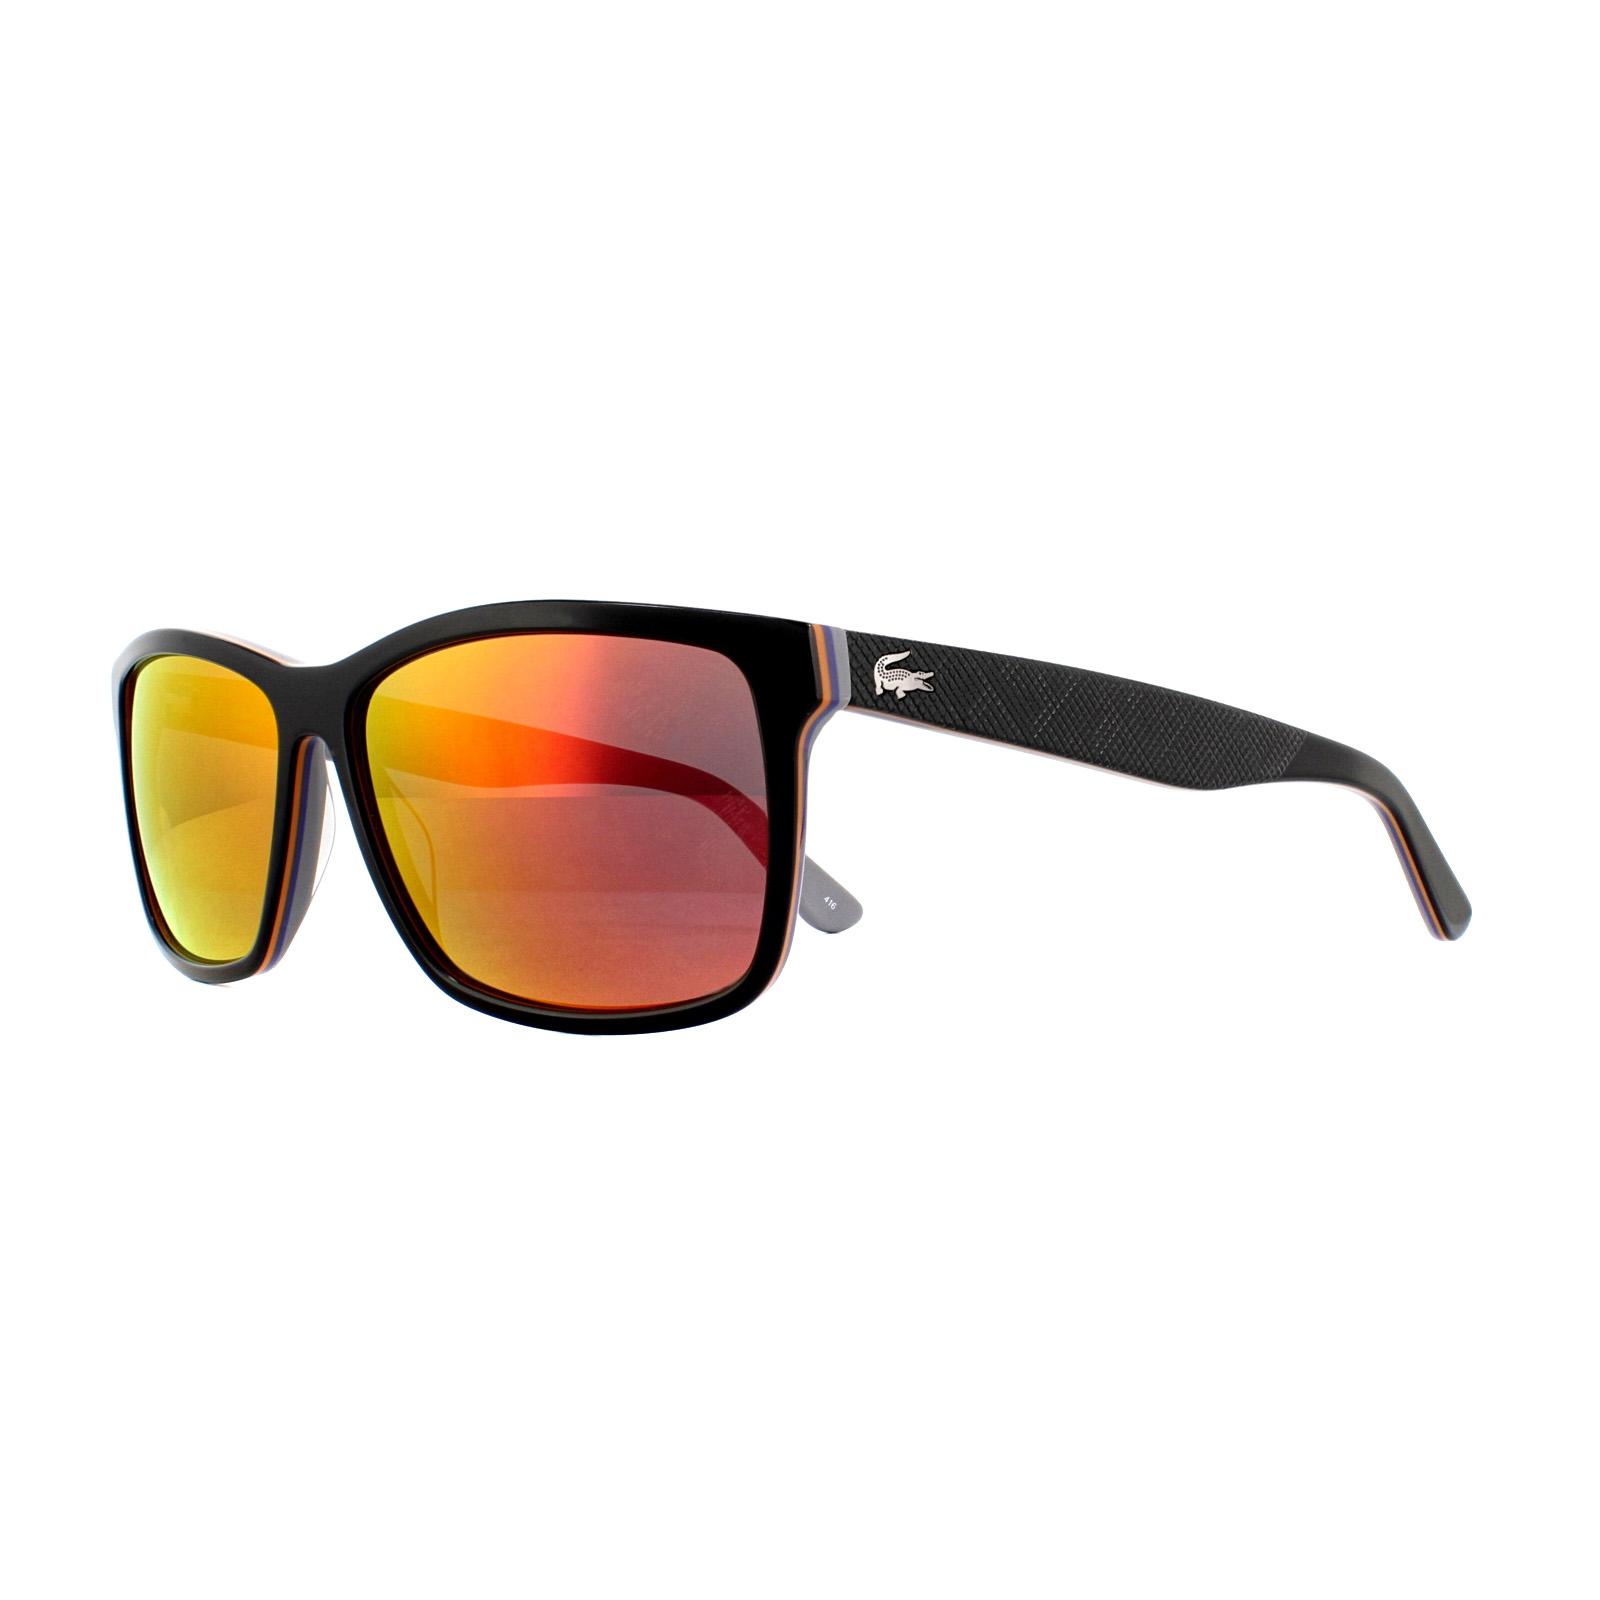 d05d64143e0a Lacoste Sunglasses L705S 003 Black Grey Red Mirror 886895304252